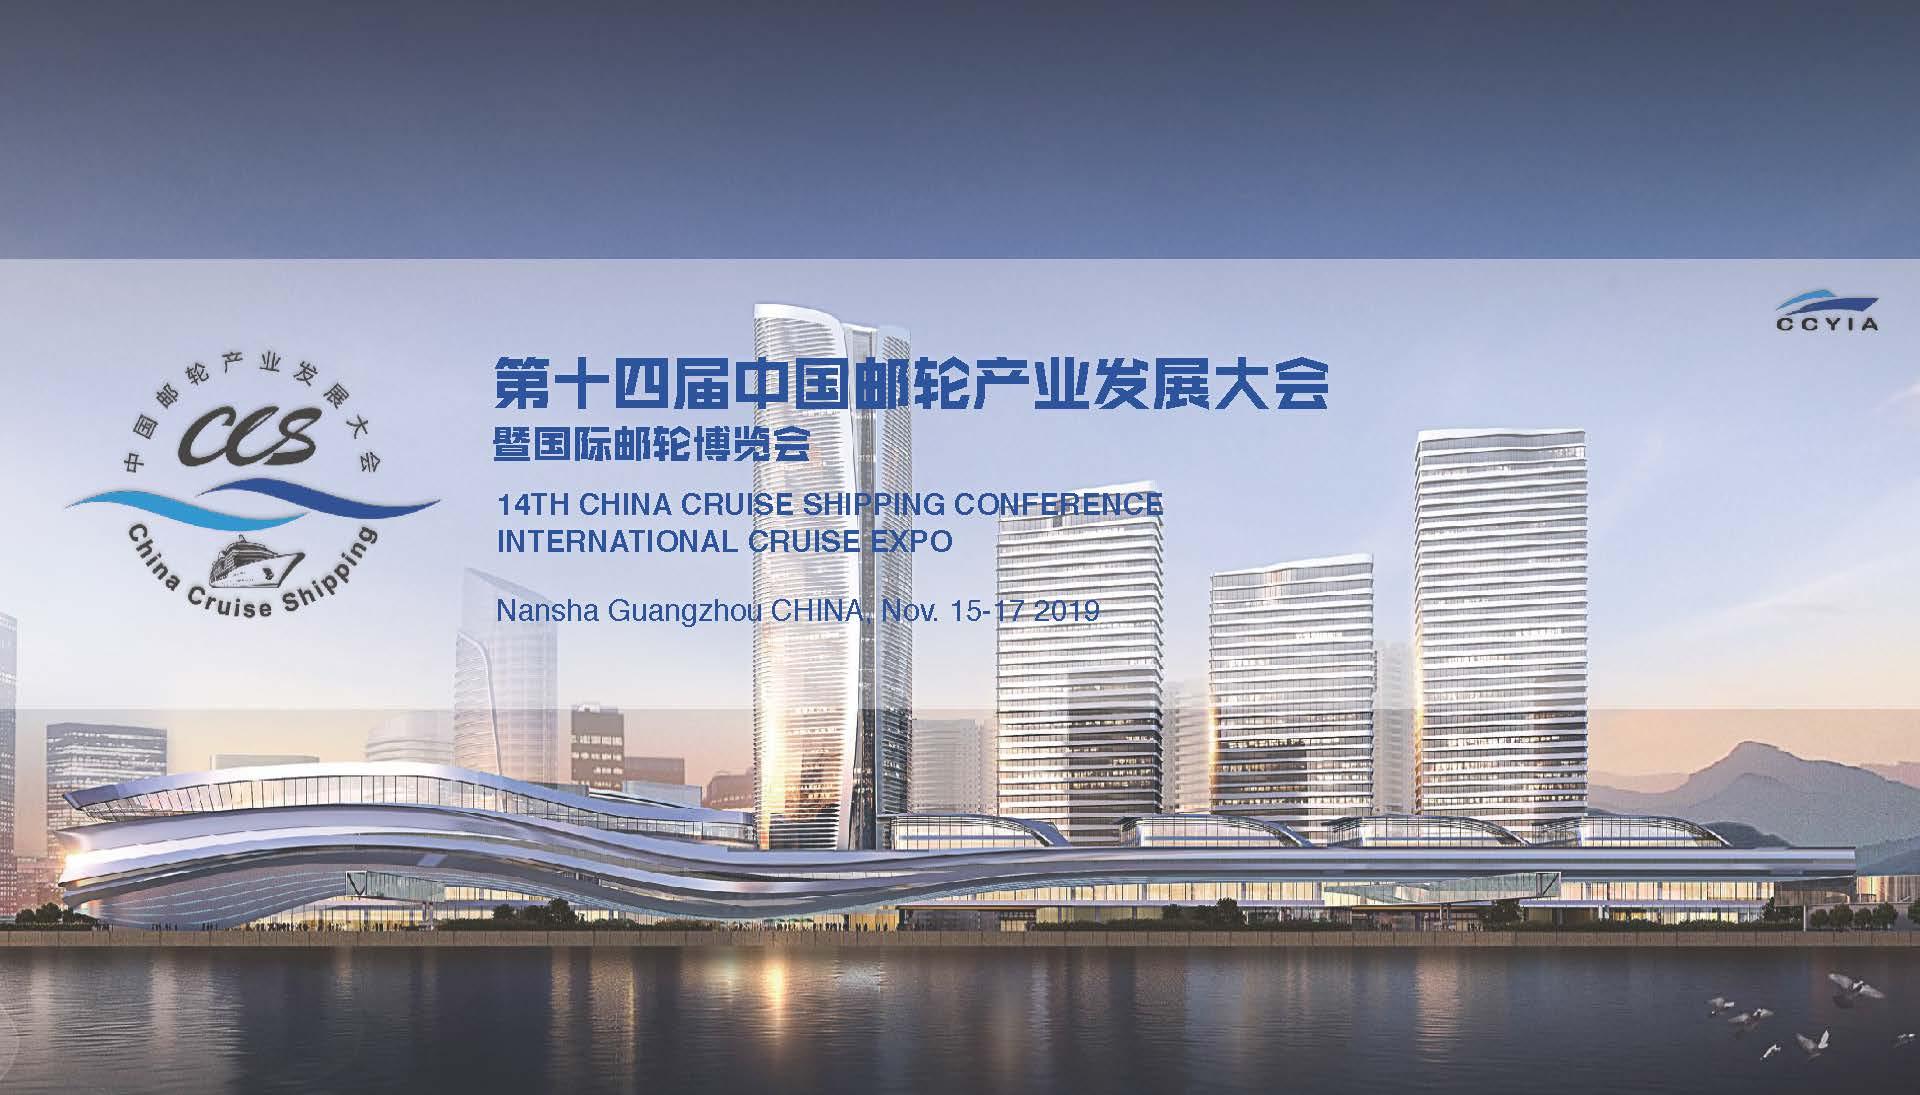 第十四届中国邮轮产业发展大会诚邀各路英雄出席